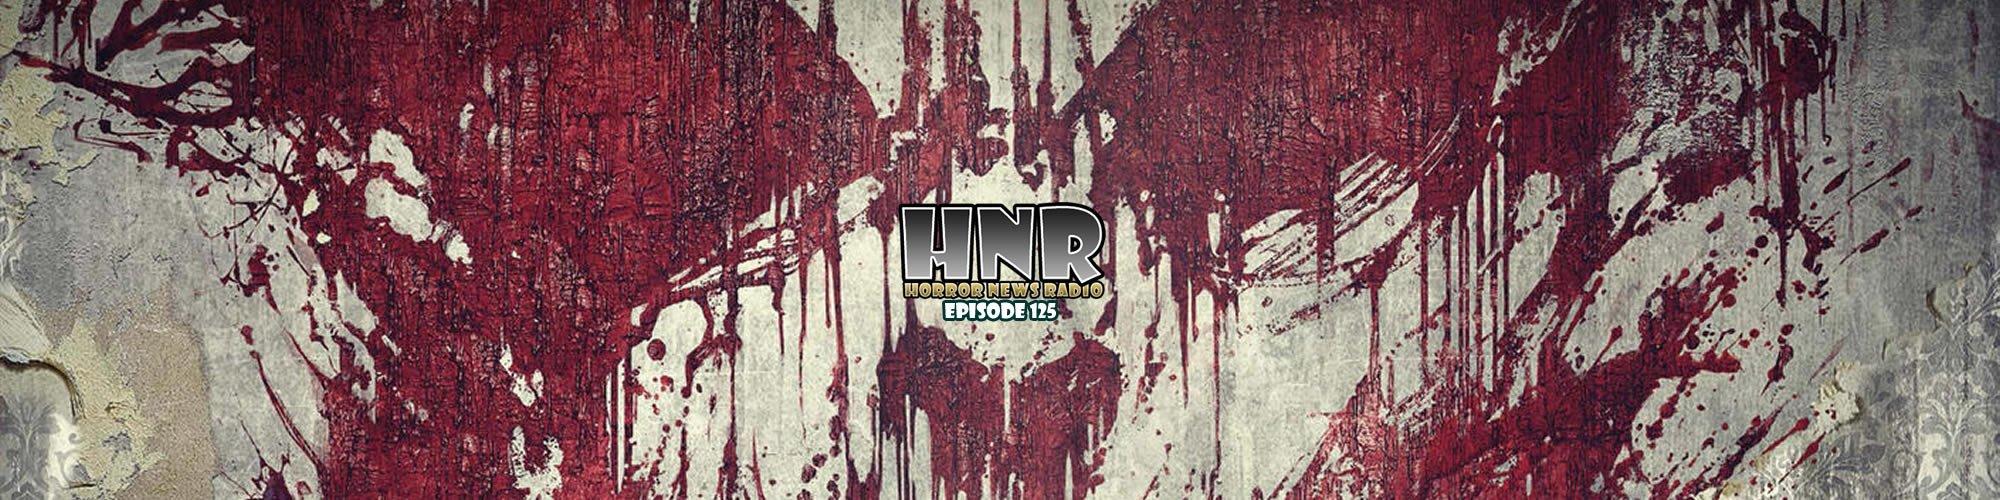 HNRSiteBanner125